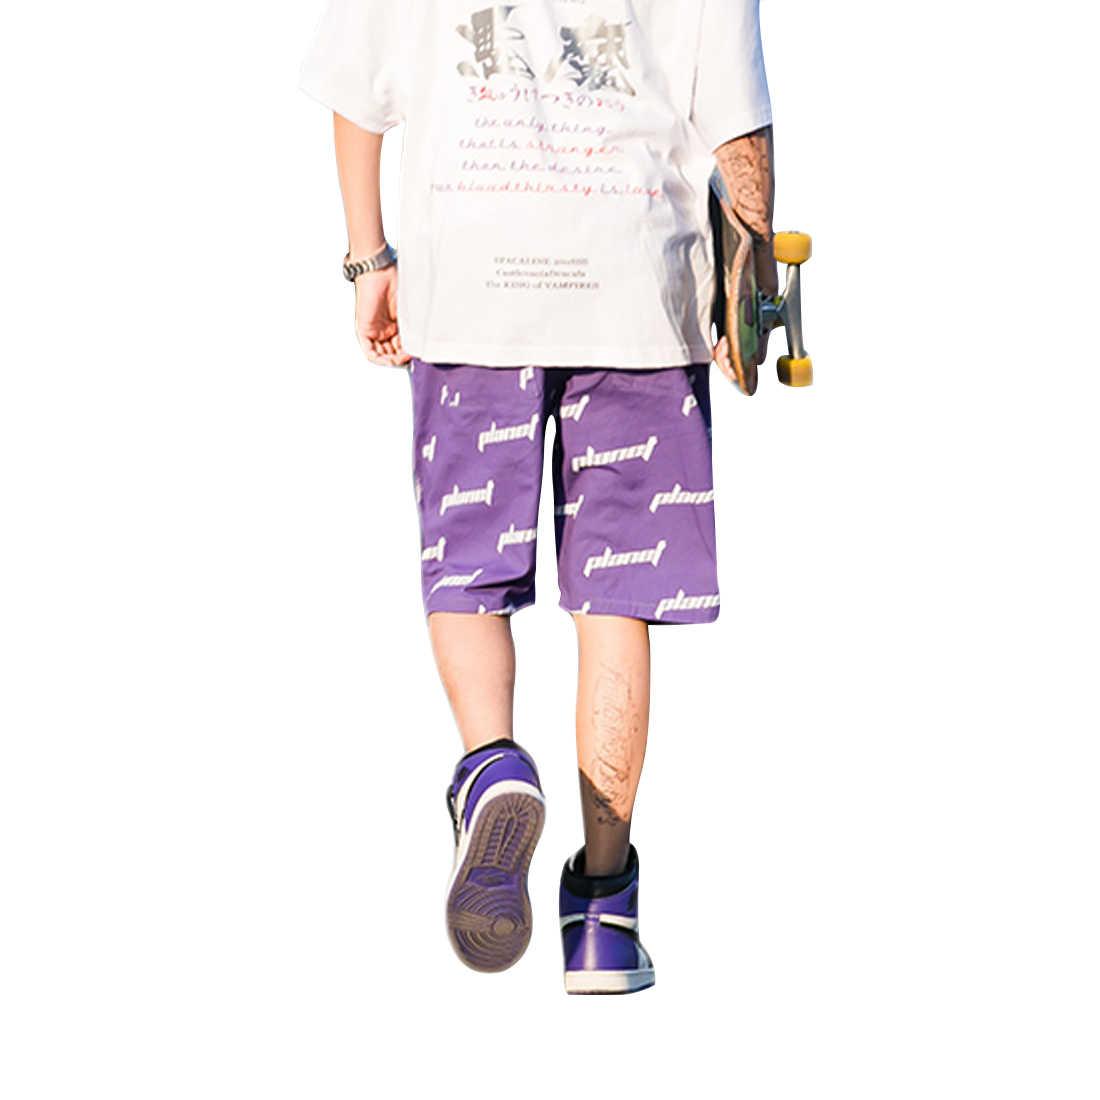 גברים של רחוב מזדמן אופנה מכנסיים קצרים, מטען קיץ קצר מכנסיים עבור בני נוער וצעירים בני, היפ הופ אופנתי הדפסת מכנסיים קצרים